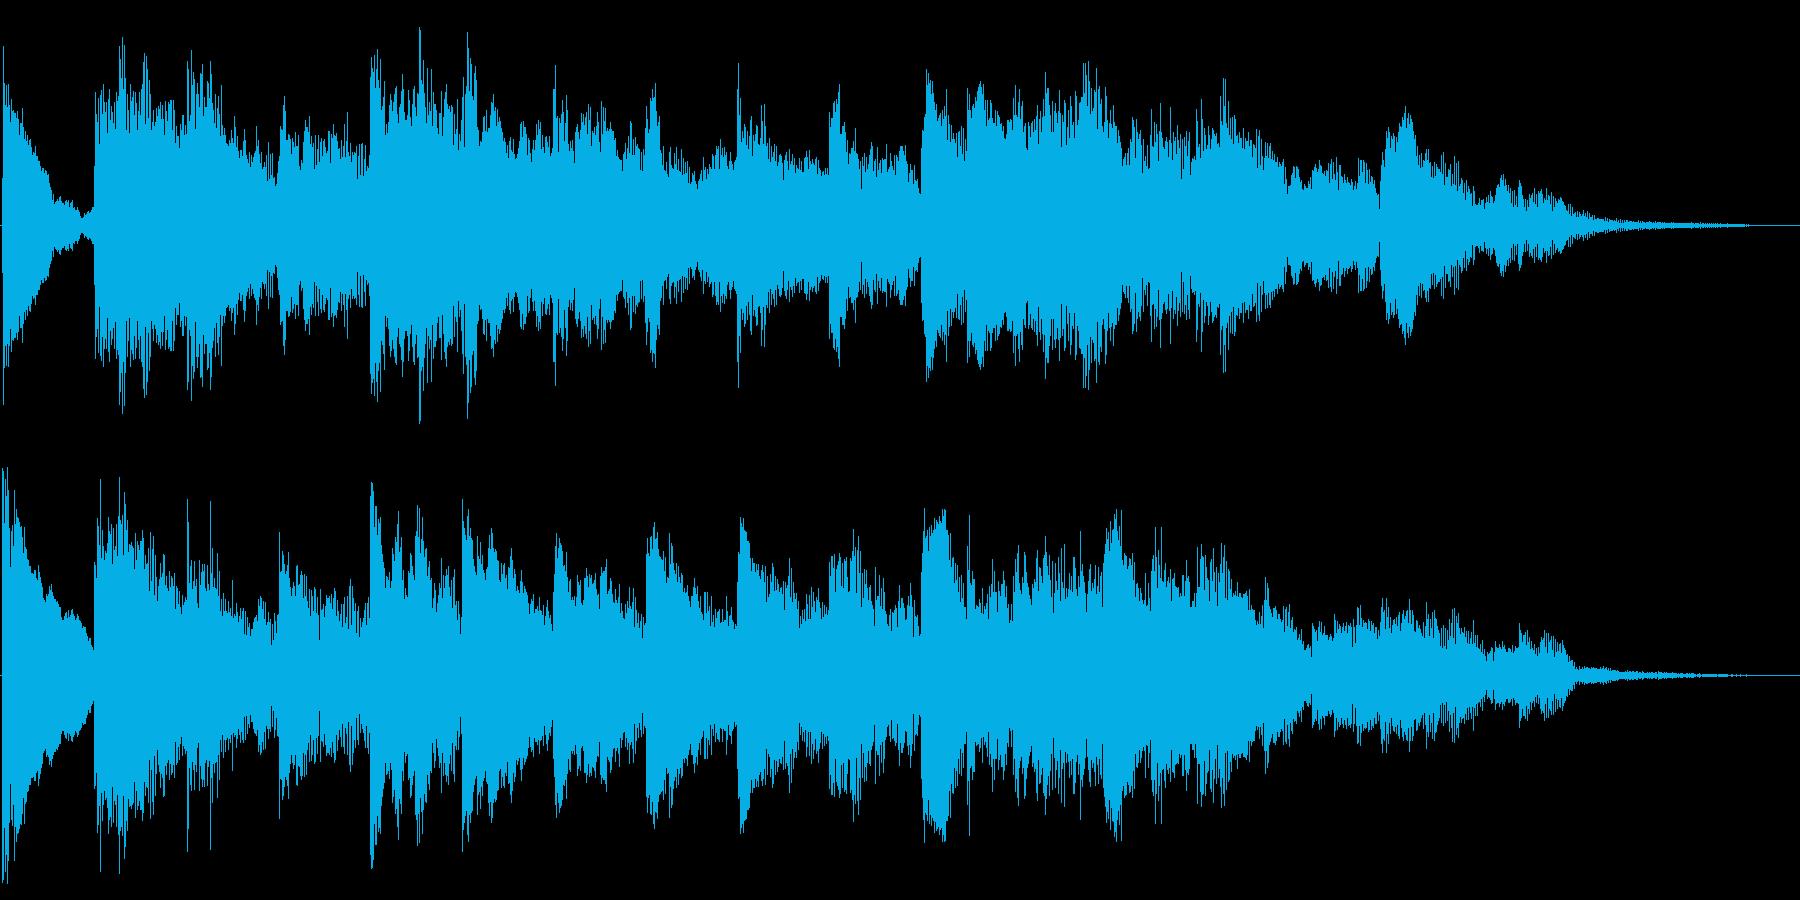 伸びやかで牧歌的なピアノジングルの再生済みの波形